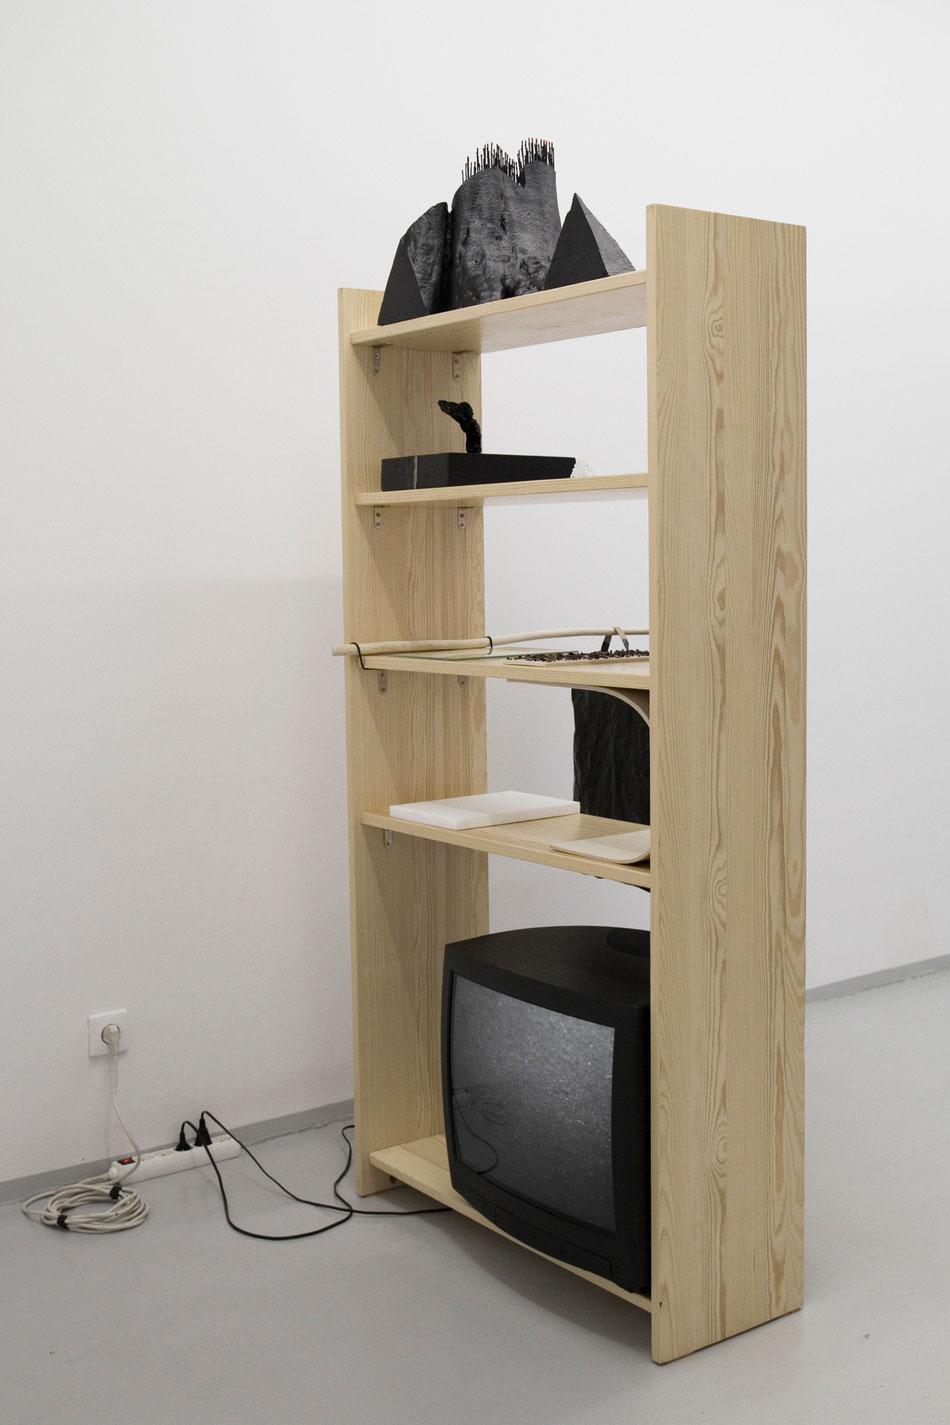 mateusz sadowski, stereo, poznan